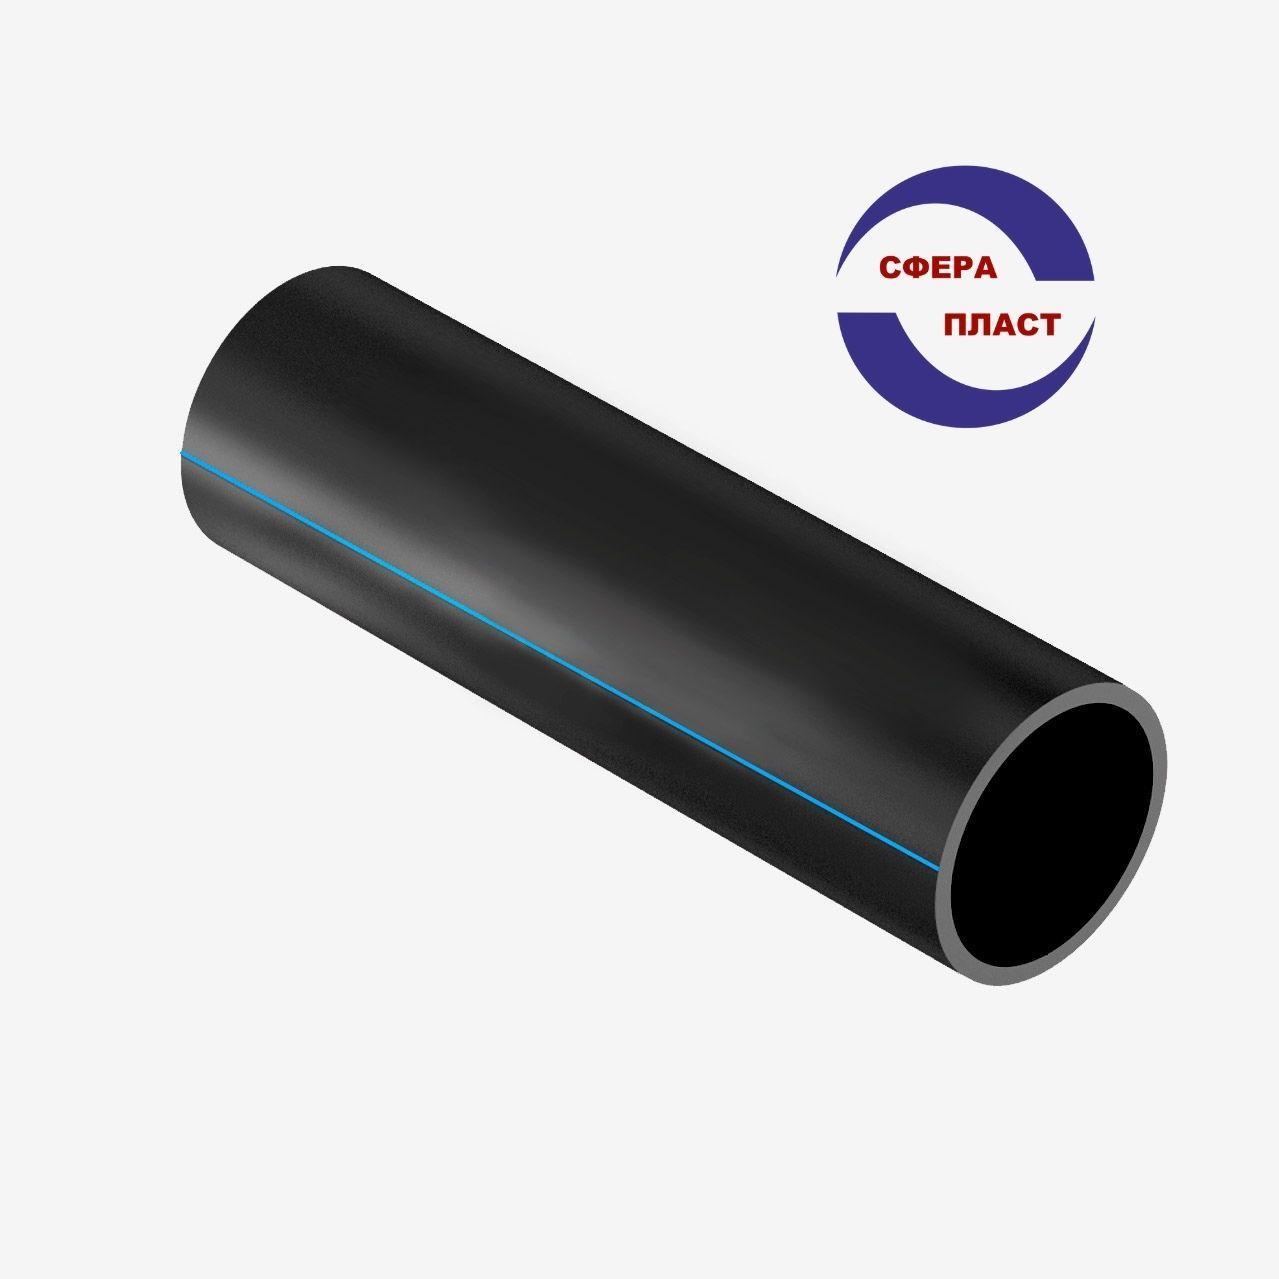 Труба Ду-225x10,8 SDR21 (8 атм) полиэтиленовая ПЭ-100